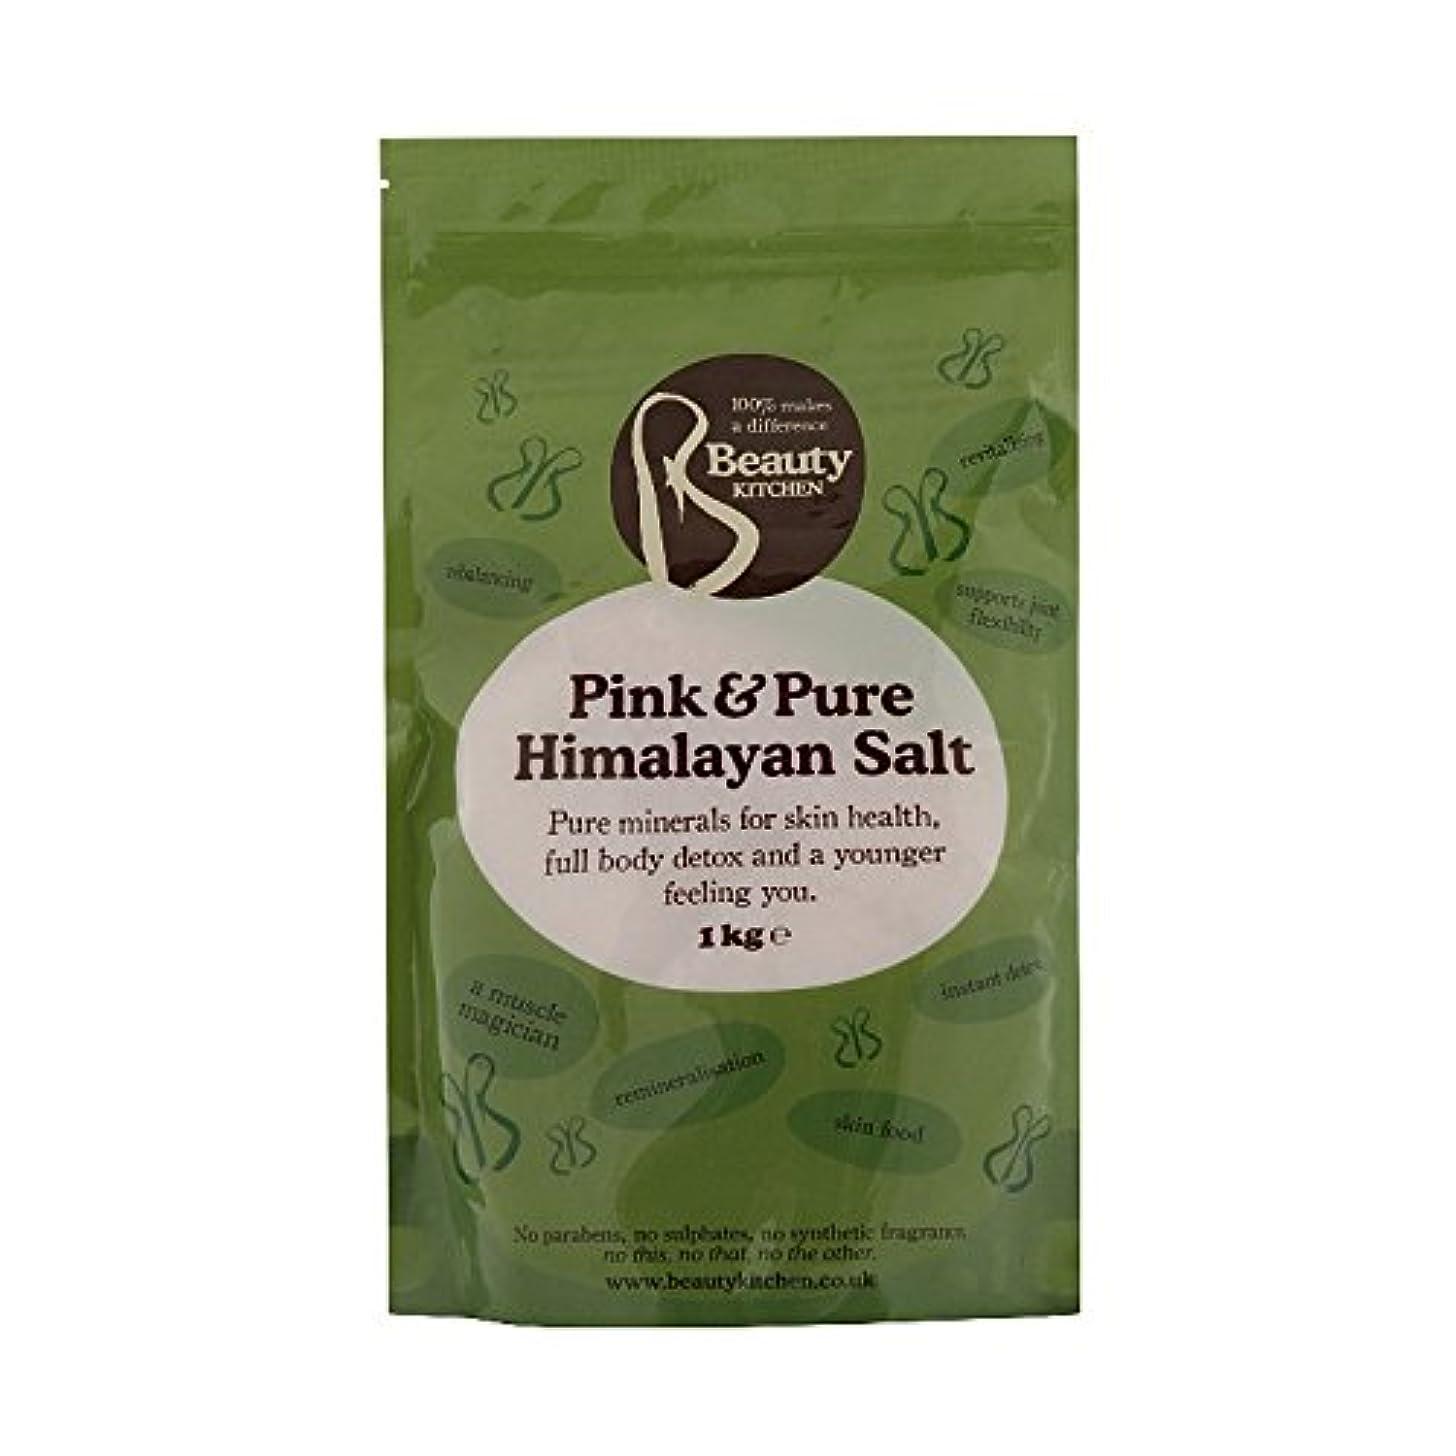 ゾーン体系的に行政Beauty Kitchen Pink & Pure Himalayan (Pack of 6) - 美しさのキッチンピンク&純粋なヒマラヤ (x6) [並行輸入品]